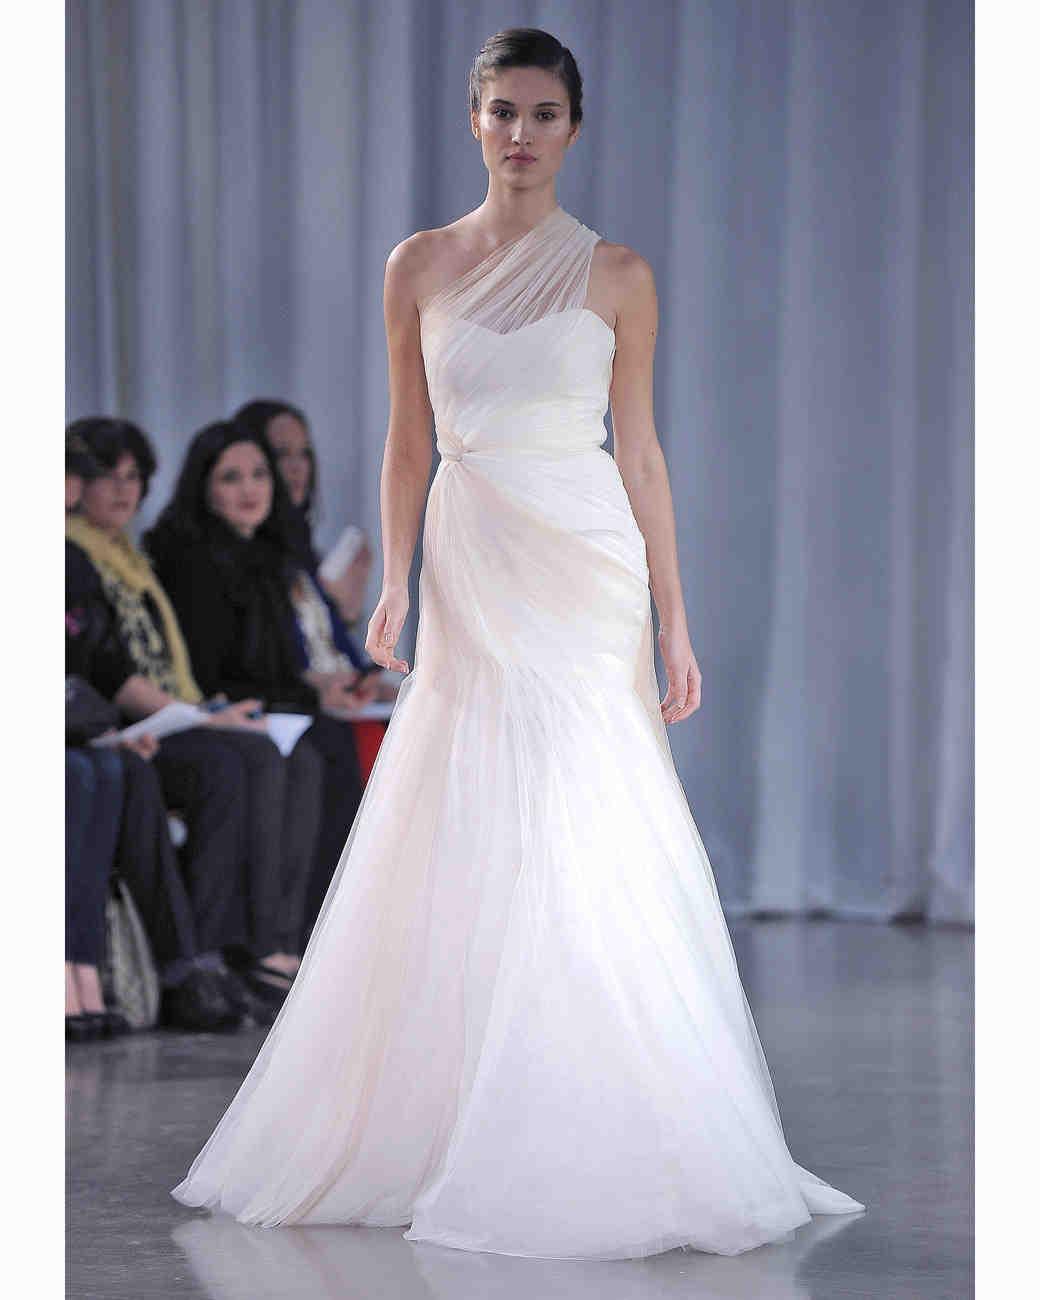 Simple Wedding Idea: One-Shoulder Wedding Dresses, Fall 2013